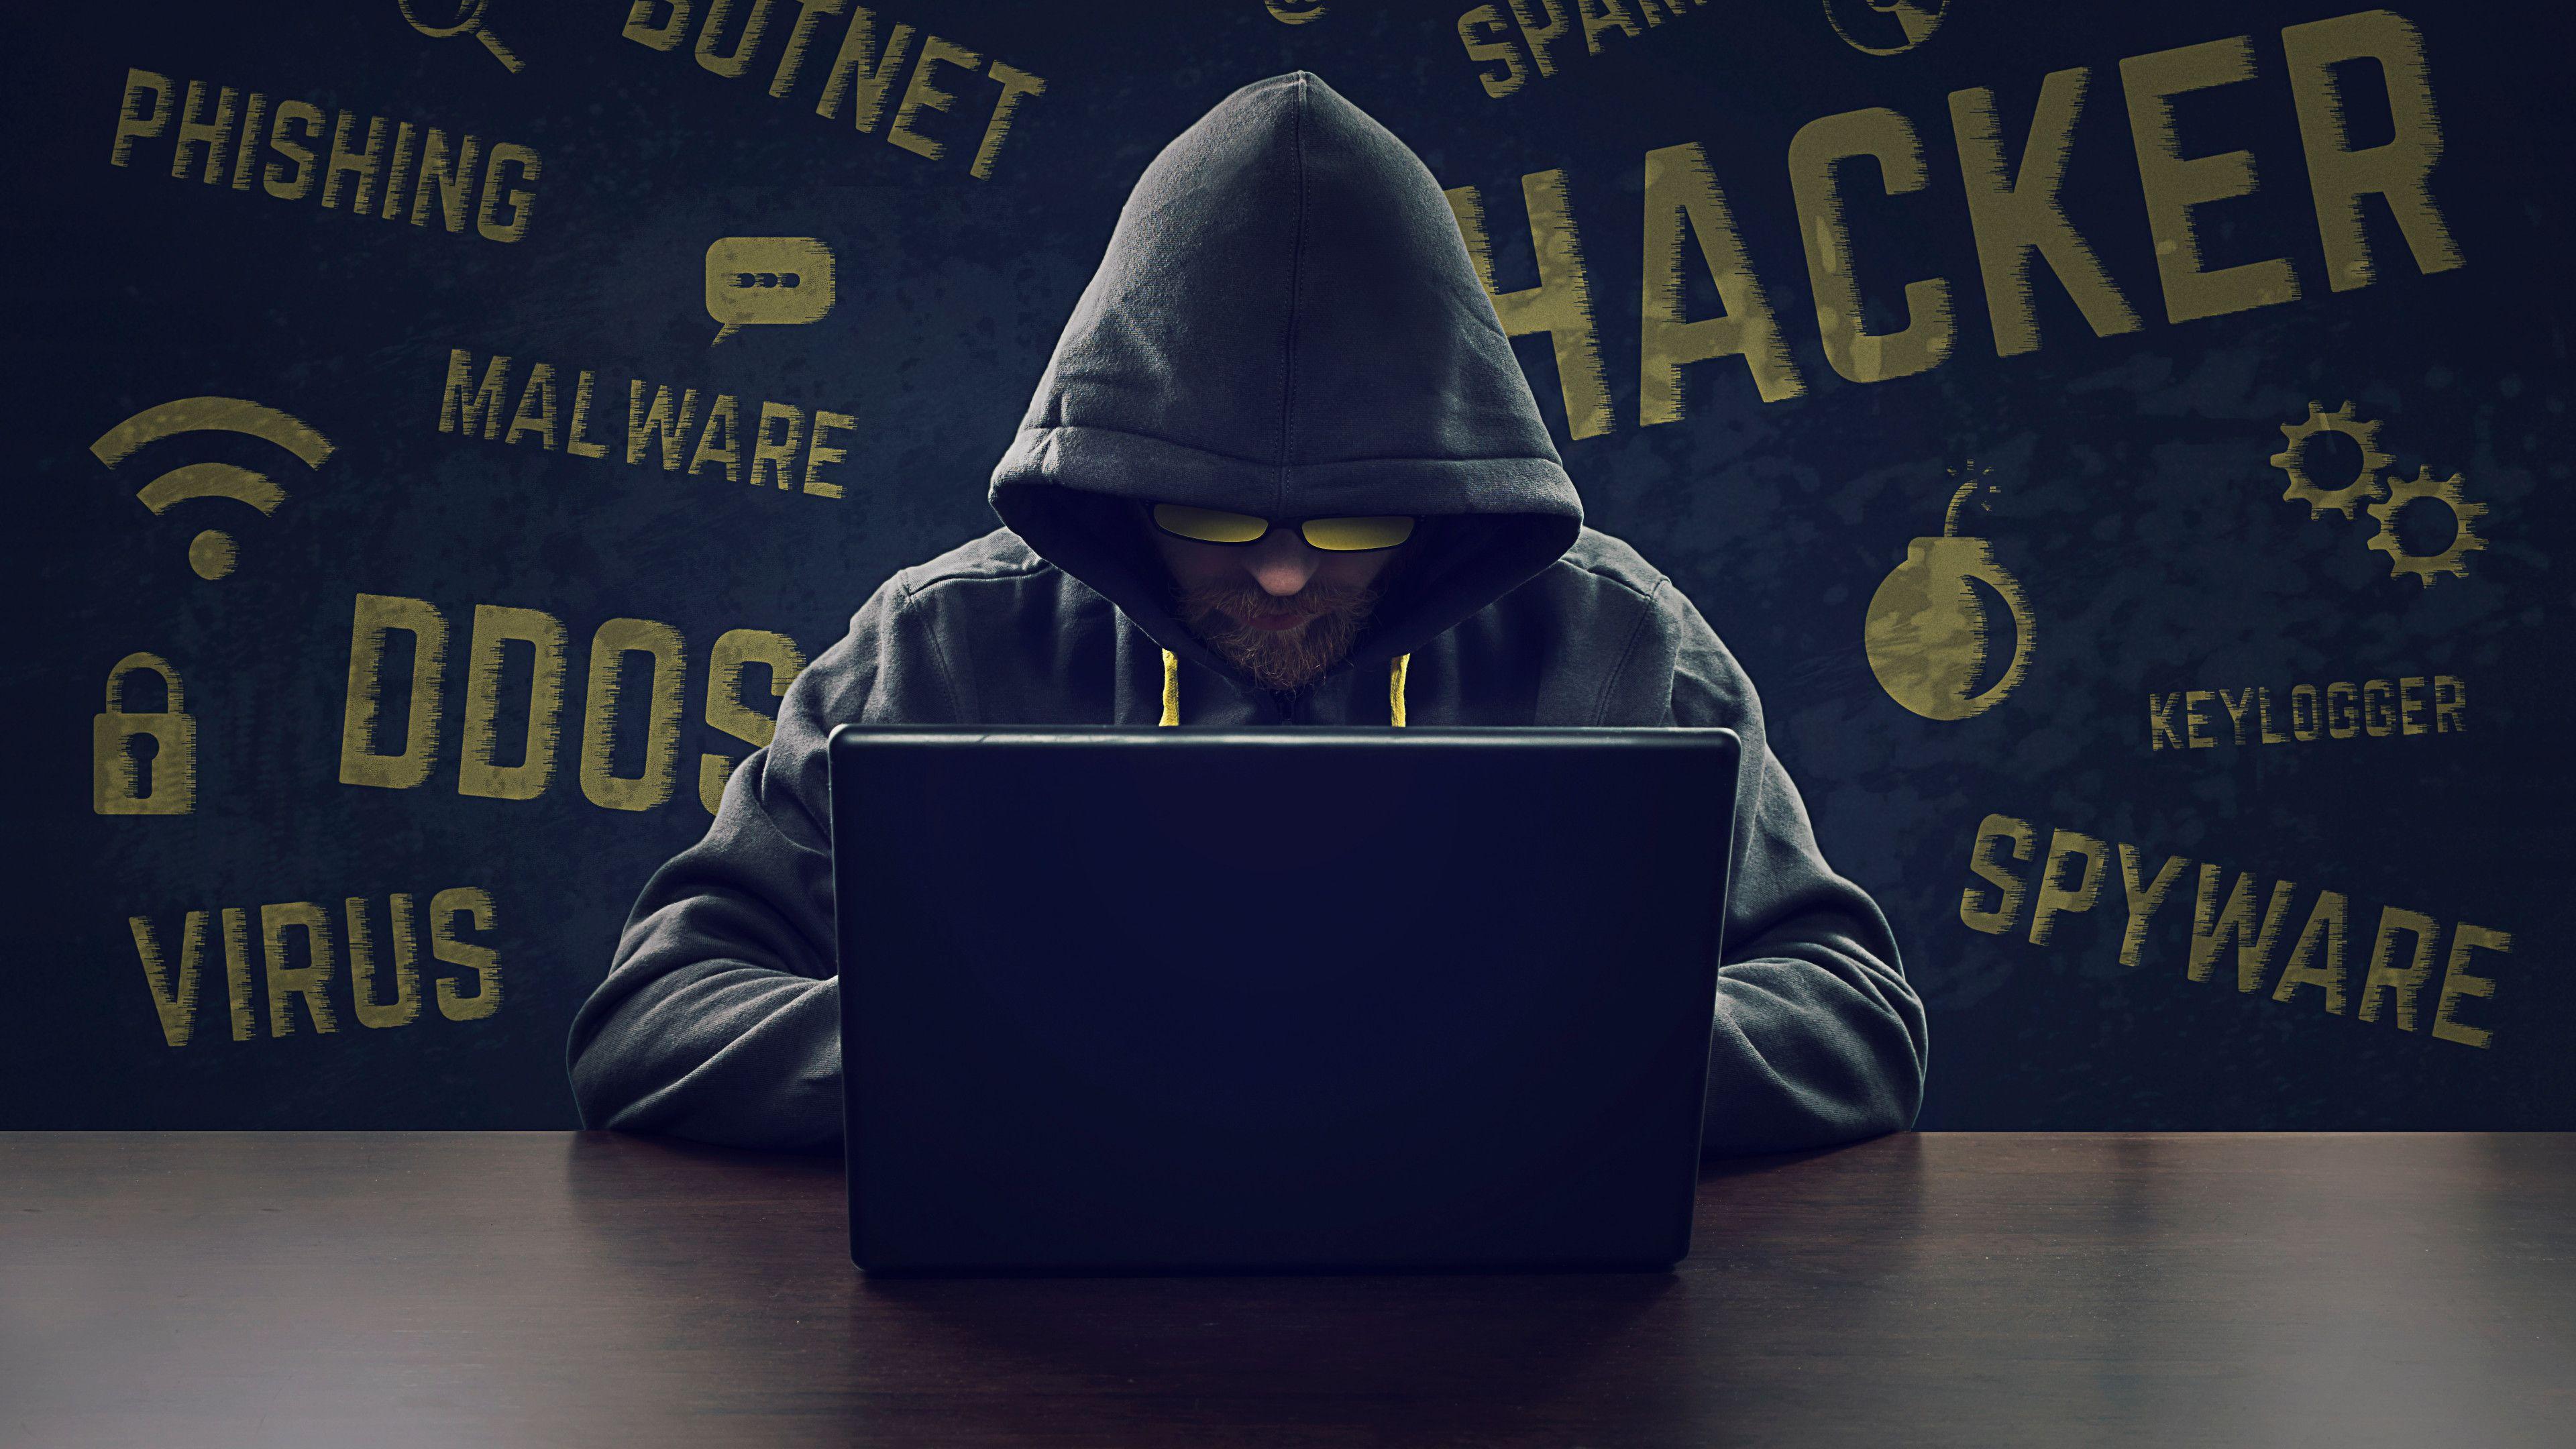 8k Hacker Wallpapers Top Free 8k Hacker Backgrounds Wallpaperaccess